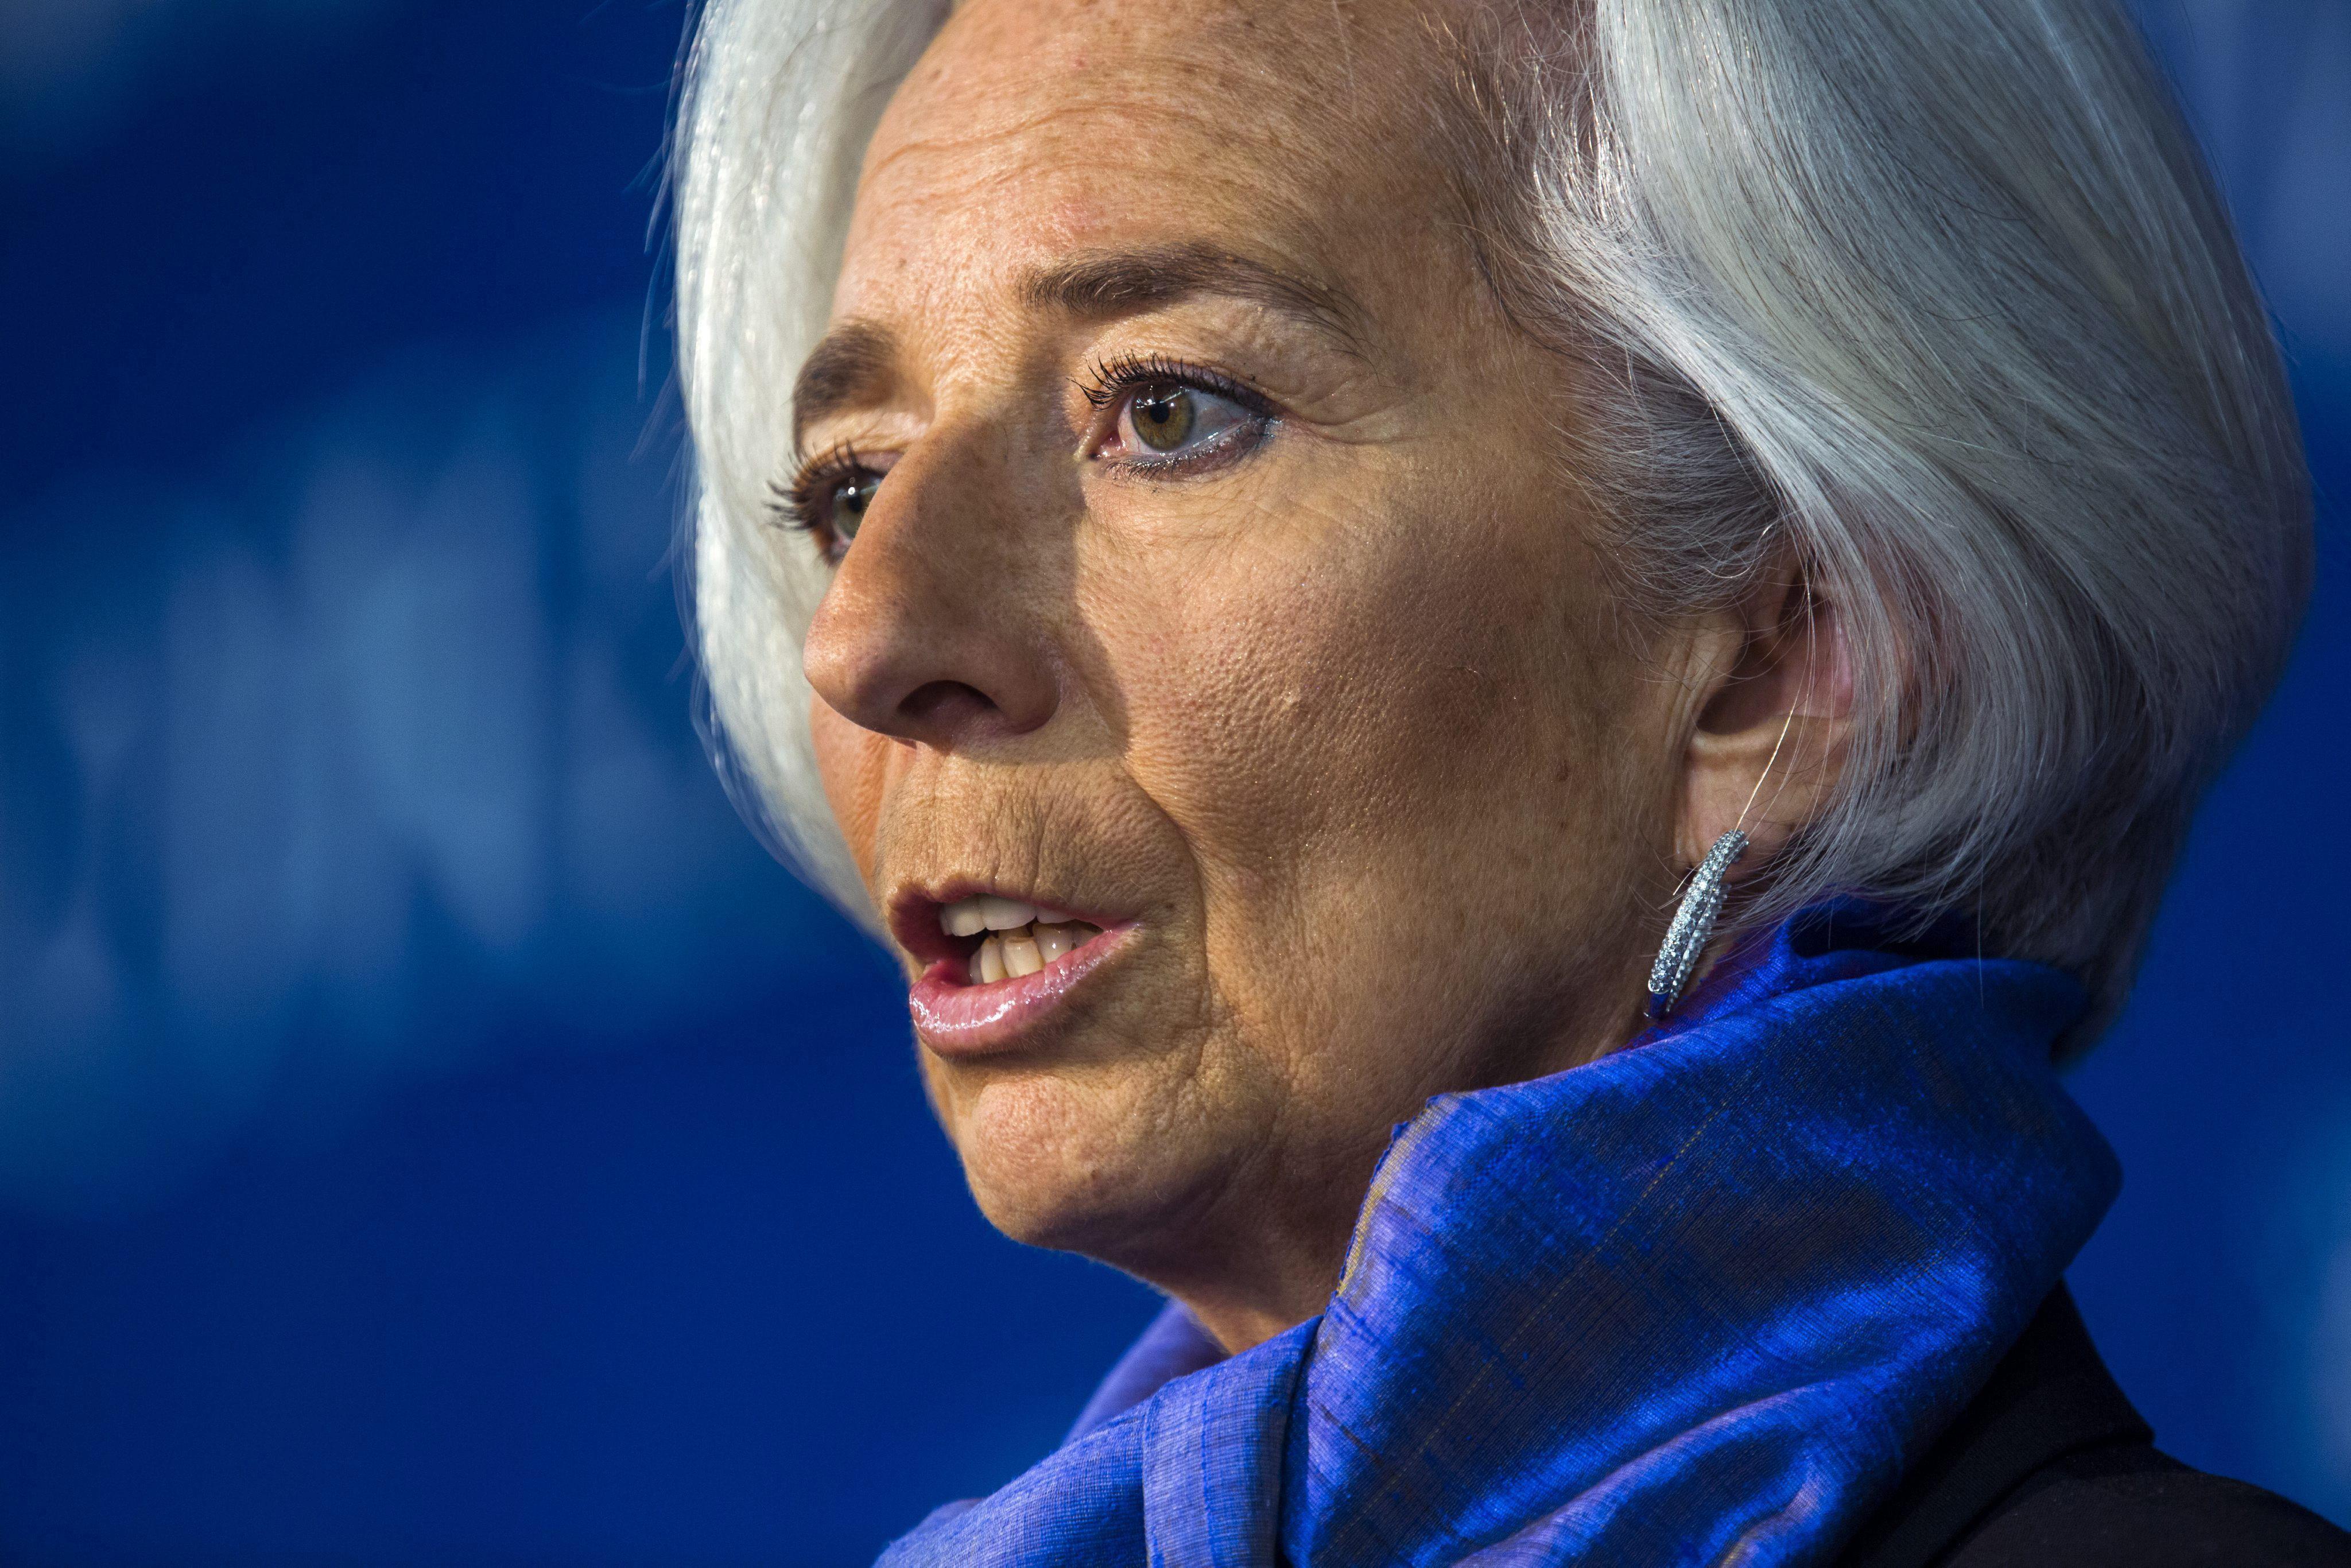 El FMI dice que la recuperación de la economía global todavía es débil y lenta